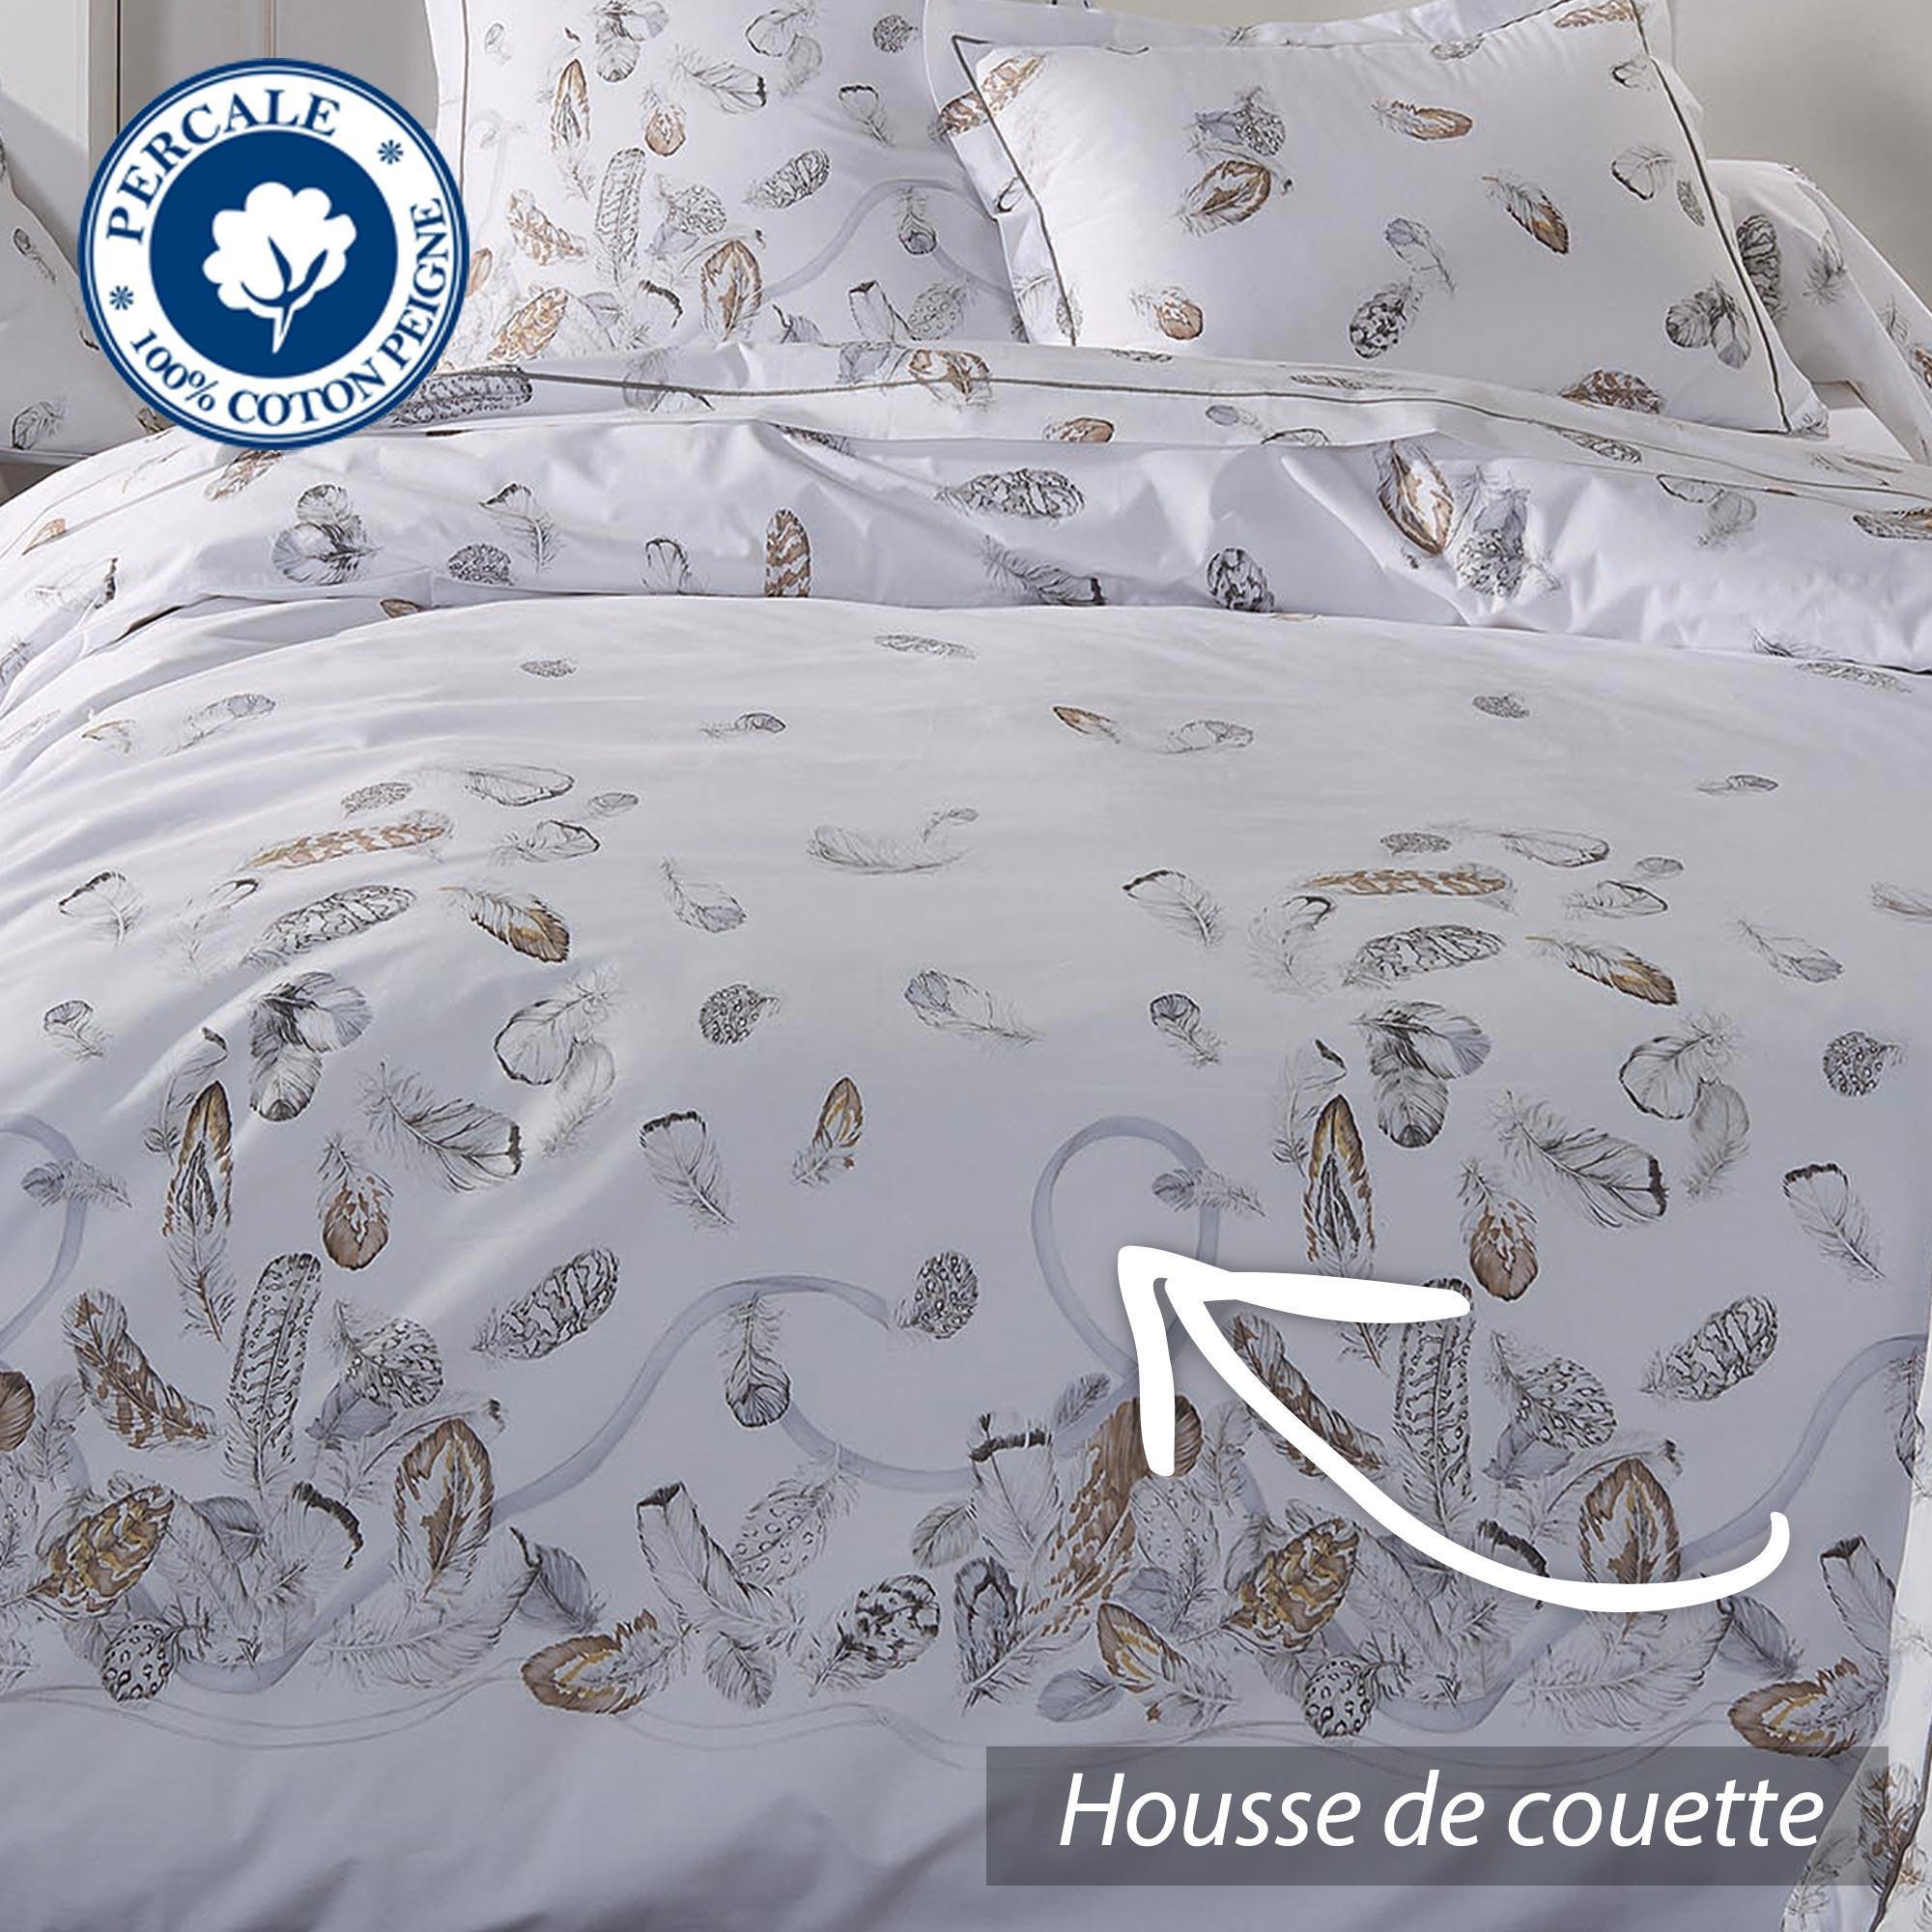 Parure de lit percale pur coton peign 300x240 cm plumes linnea vente de linge de maison - Parure de lit destockage ...